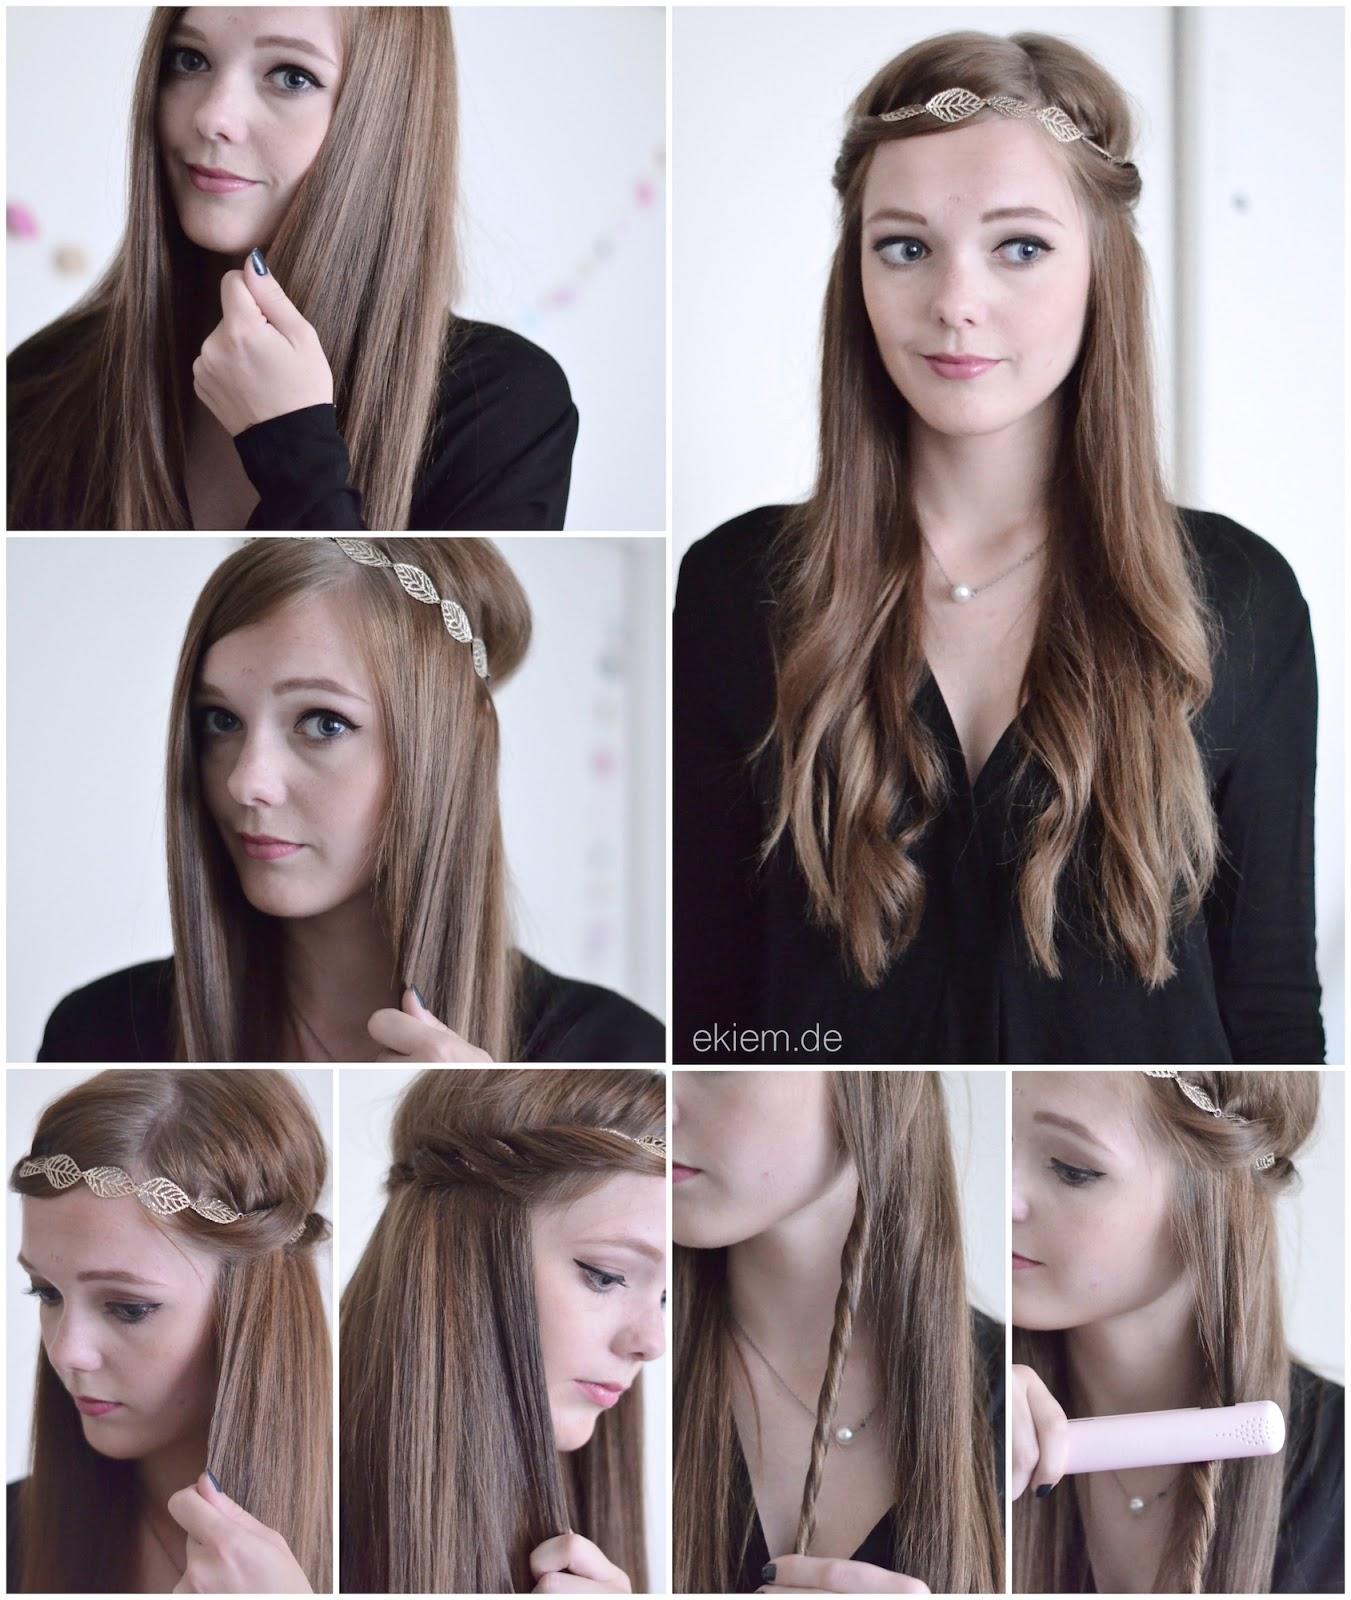 Genial Coole Frisuren In 5 Minuten Finden Sie Die Beste Frisur